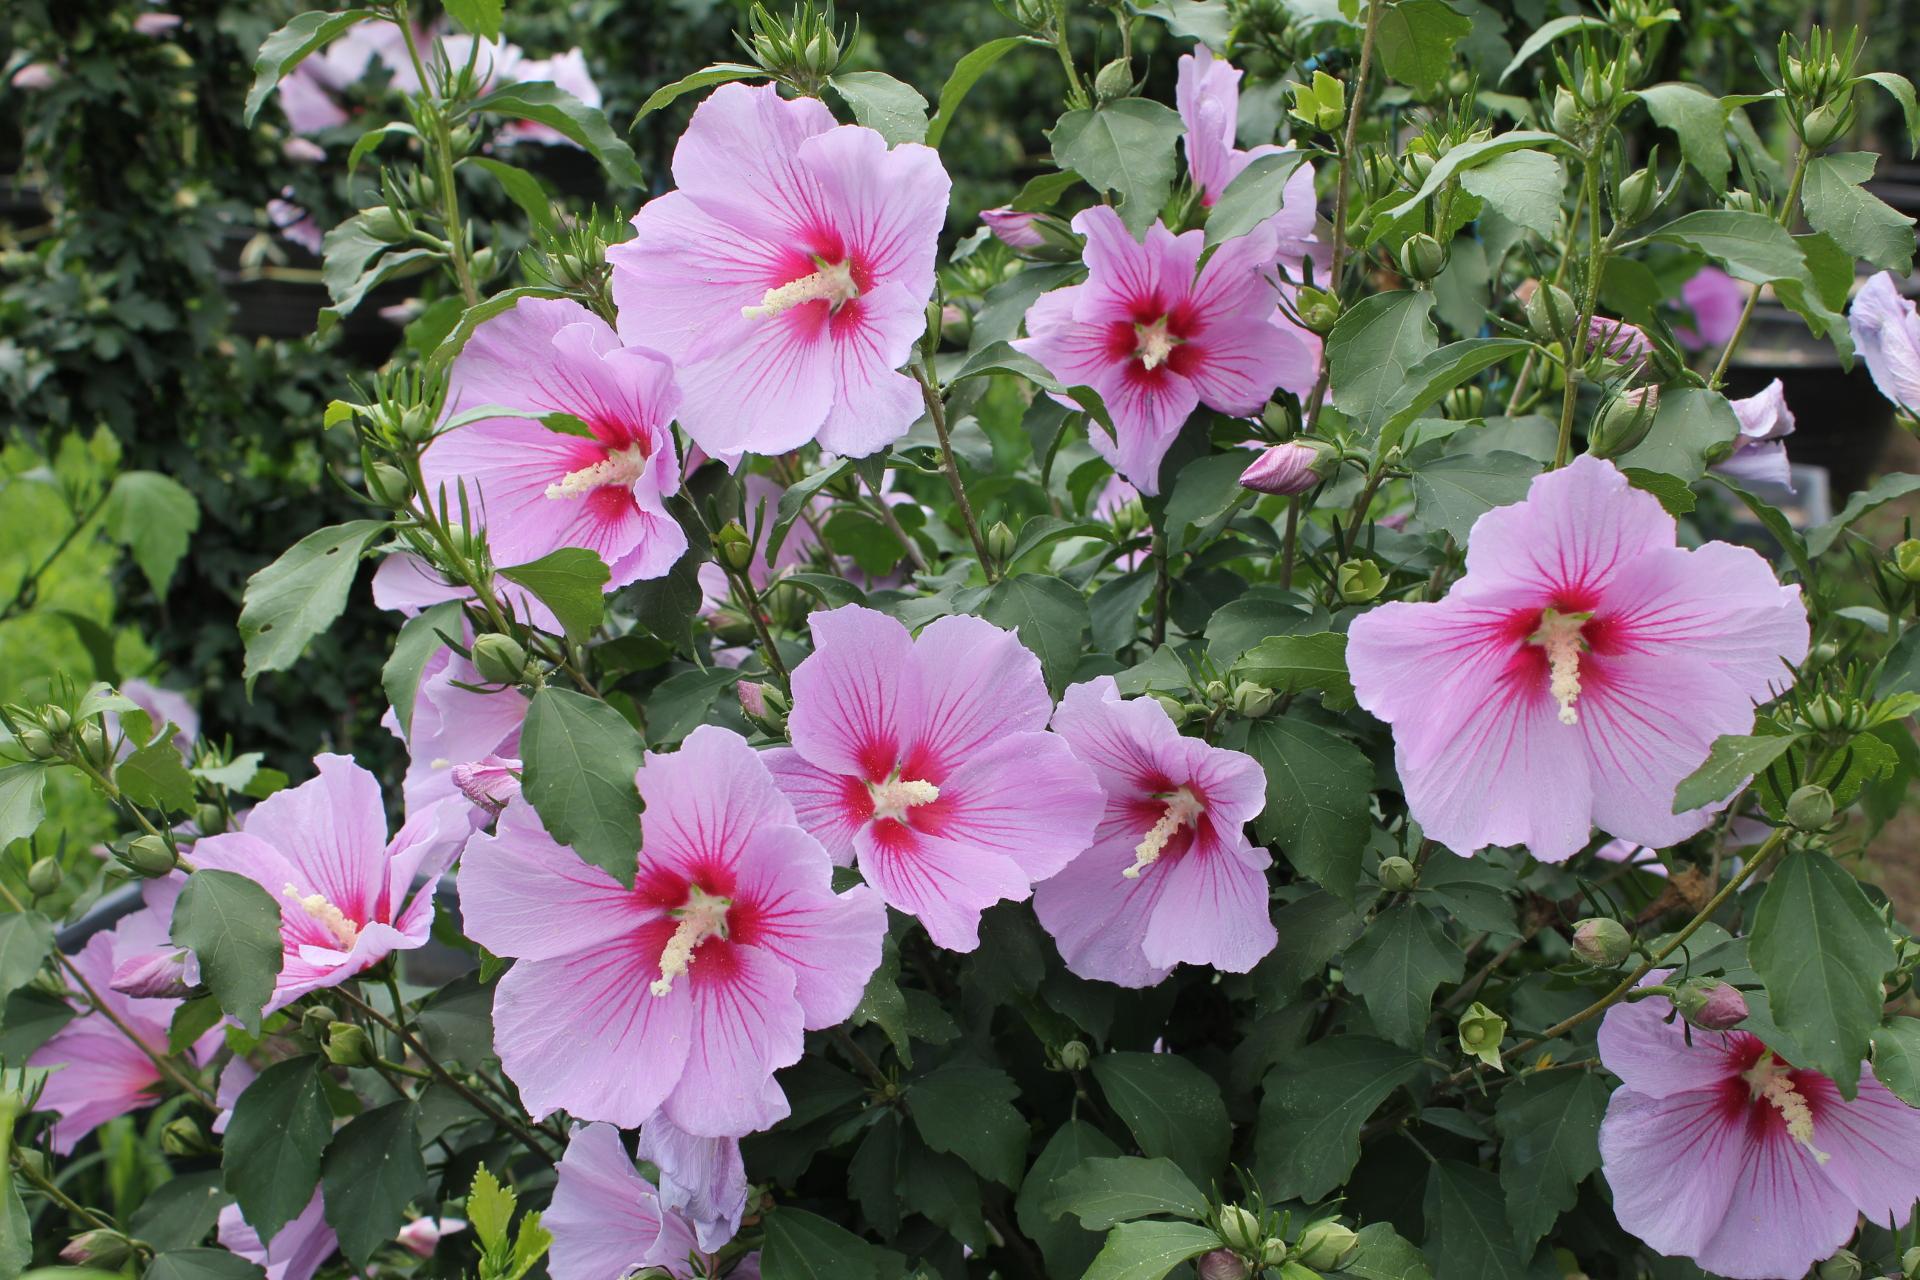 national flower_6_1920_1280